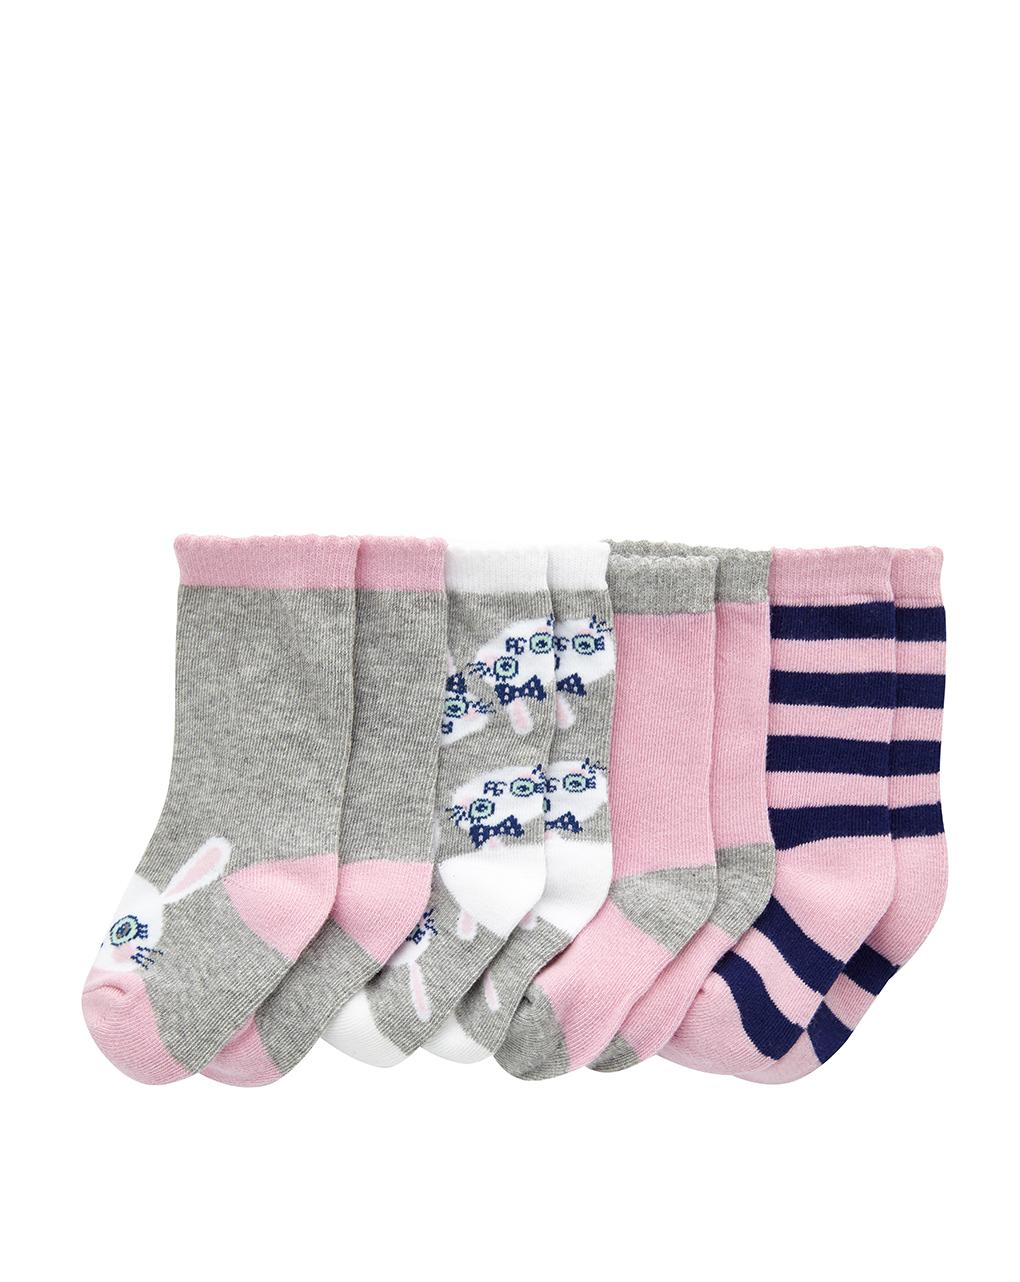 Κάλτσες Βαμβακερές με Σχέδια Πακέτο x4 για Κορίτσι